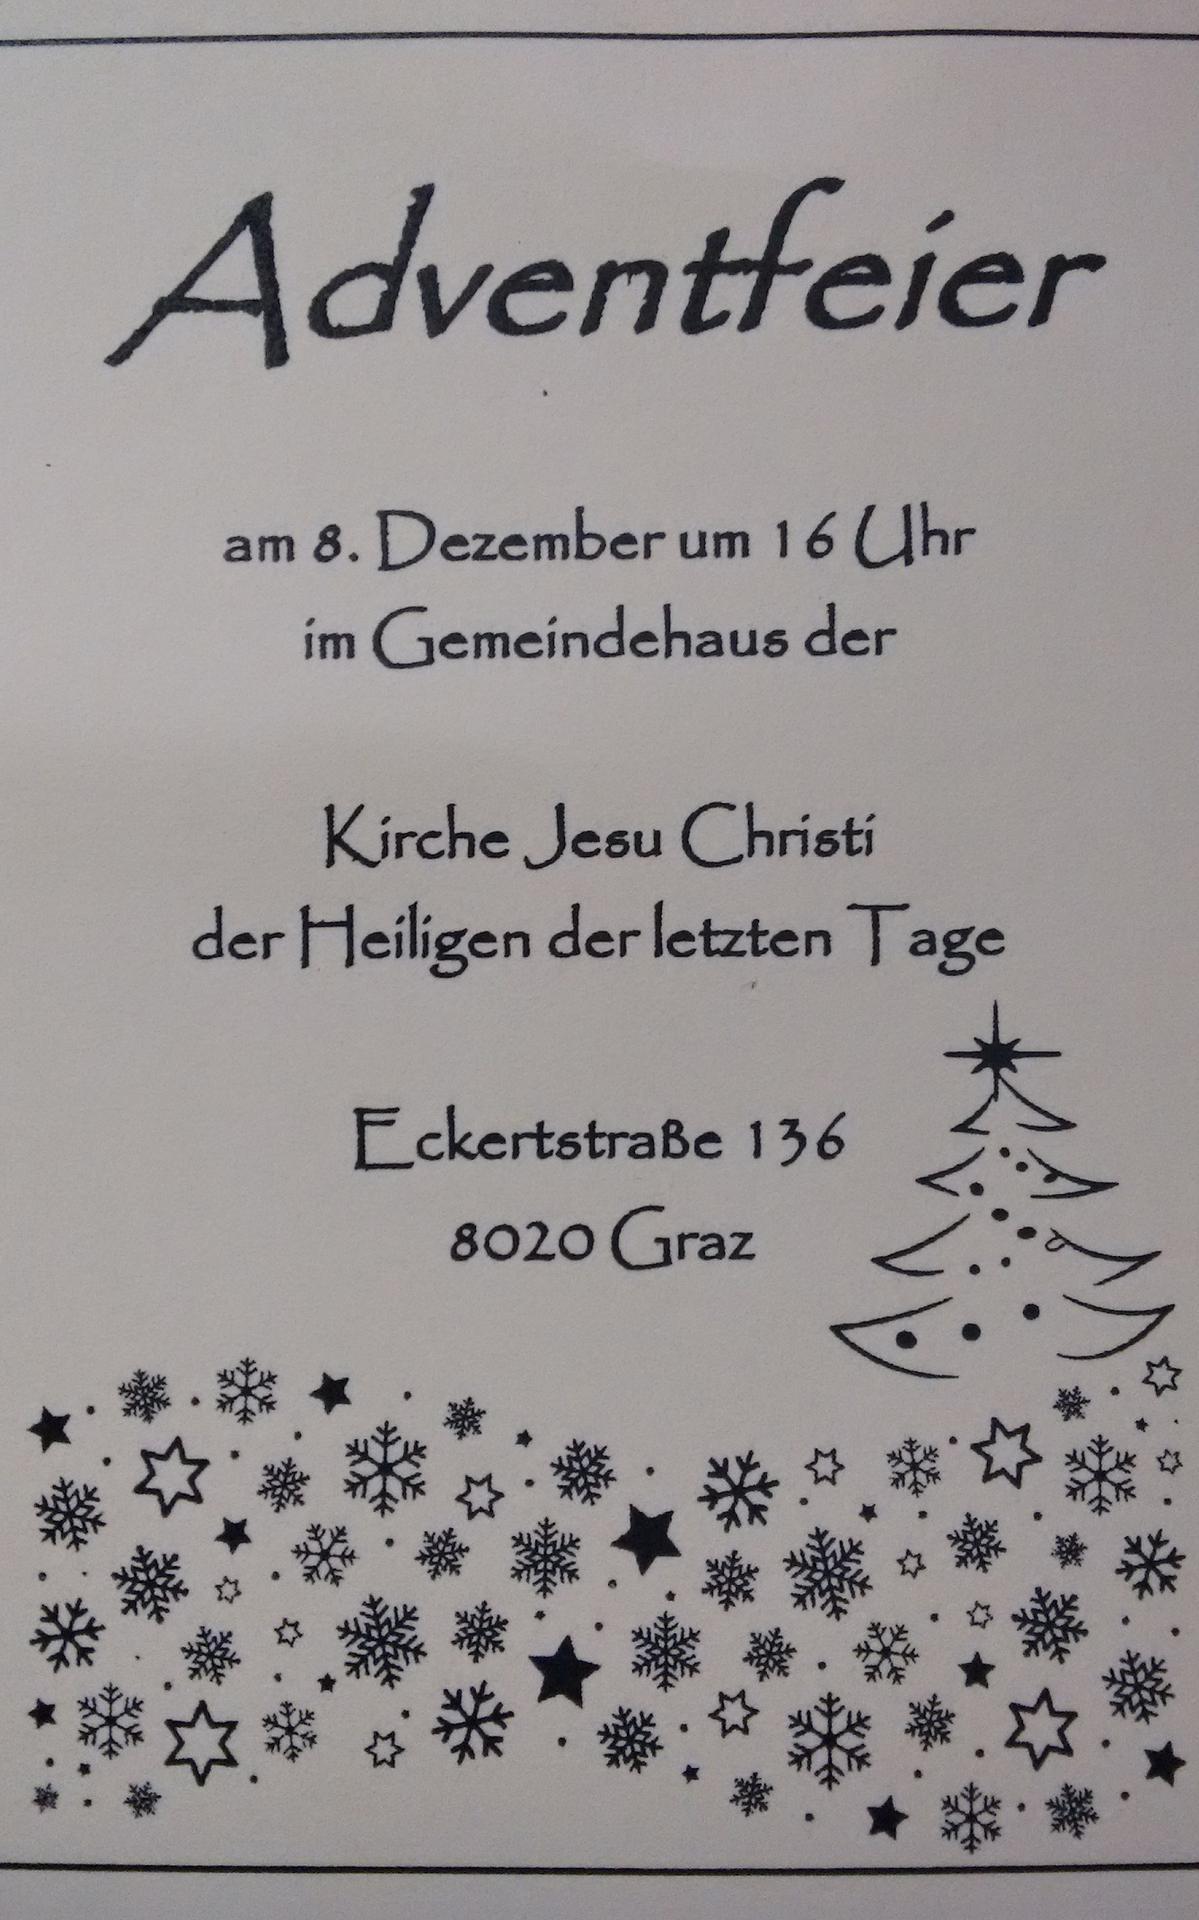 Eiladung zur Adventsfeier der Gemeinde Graz